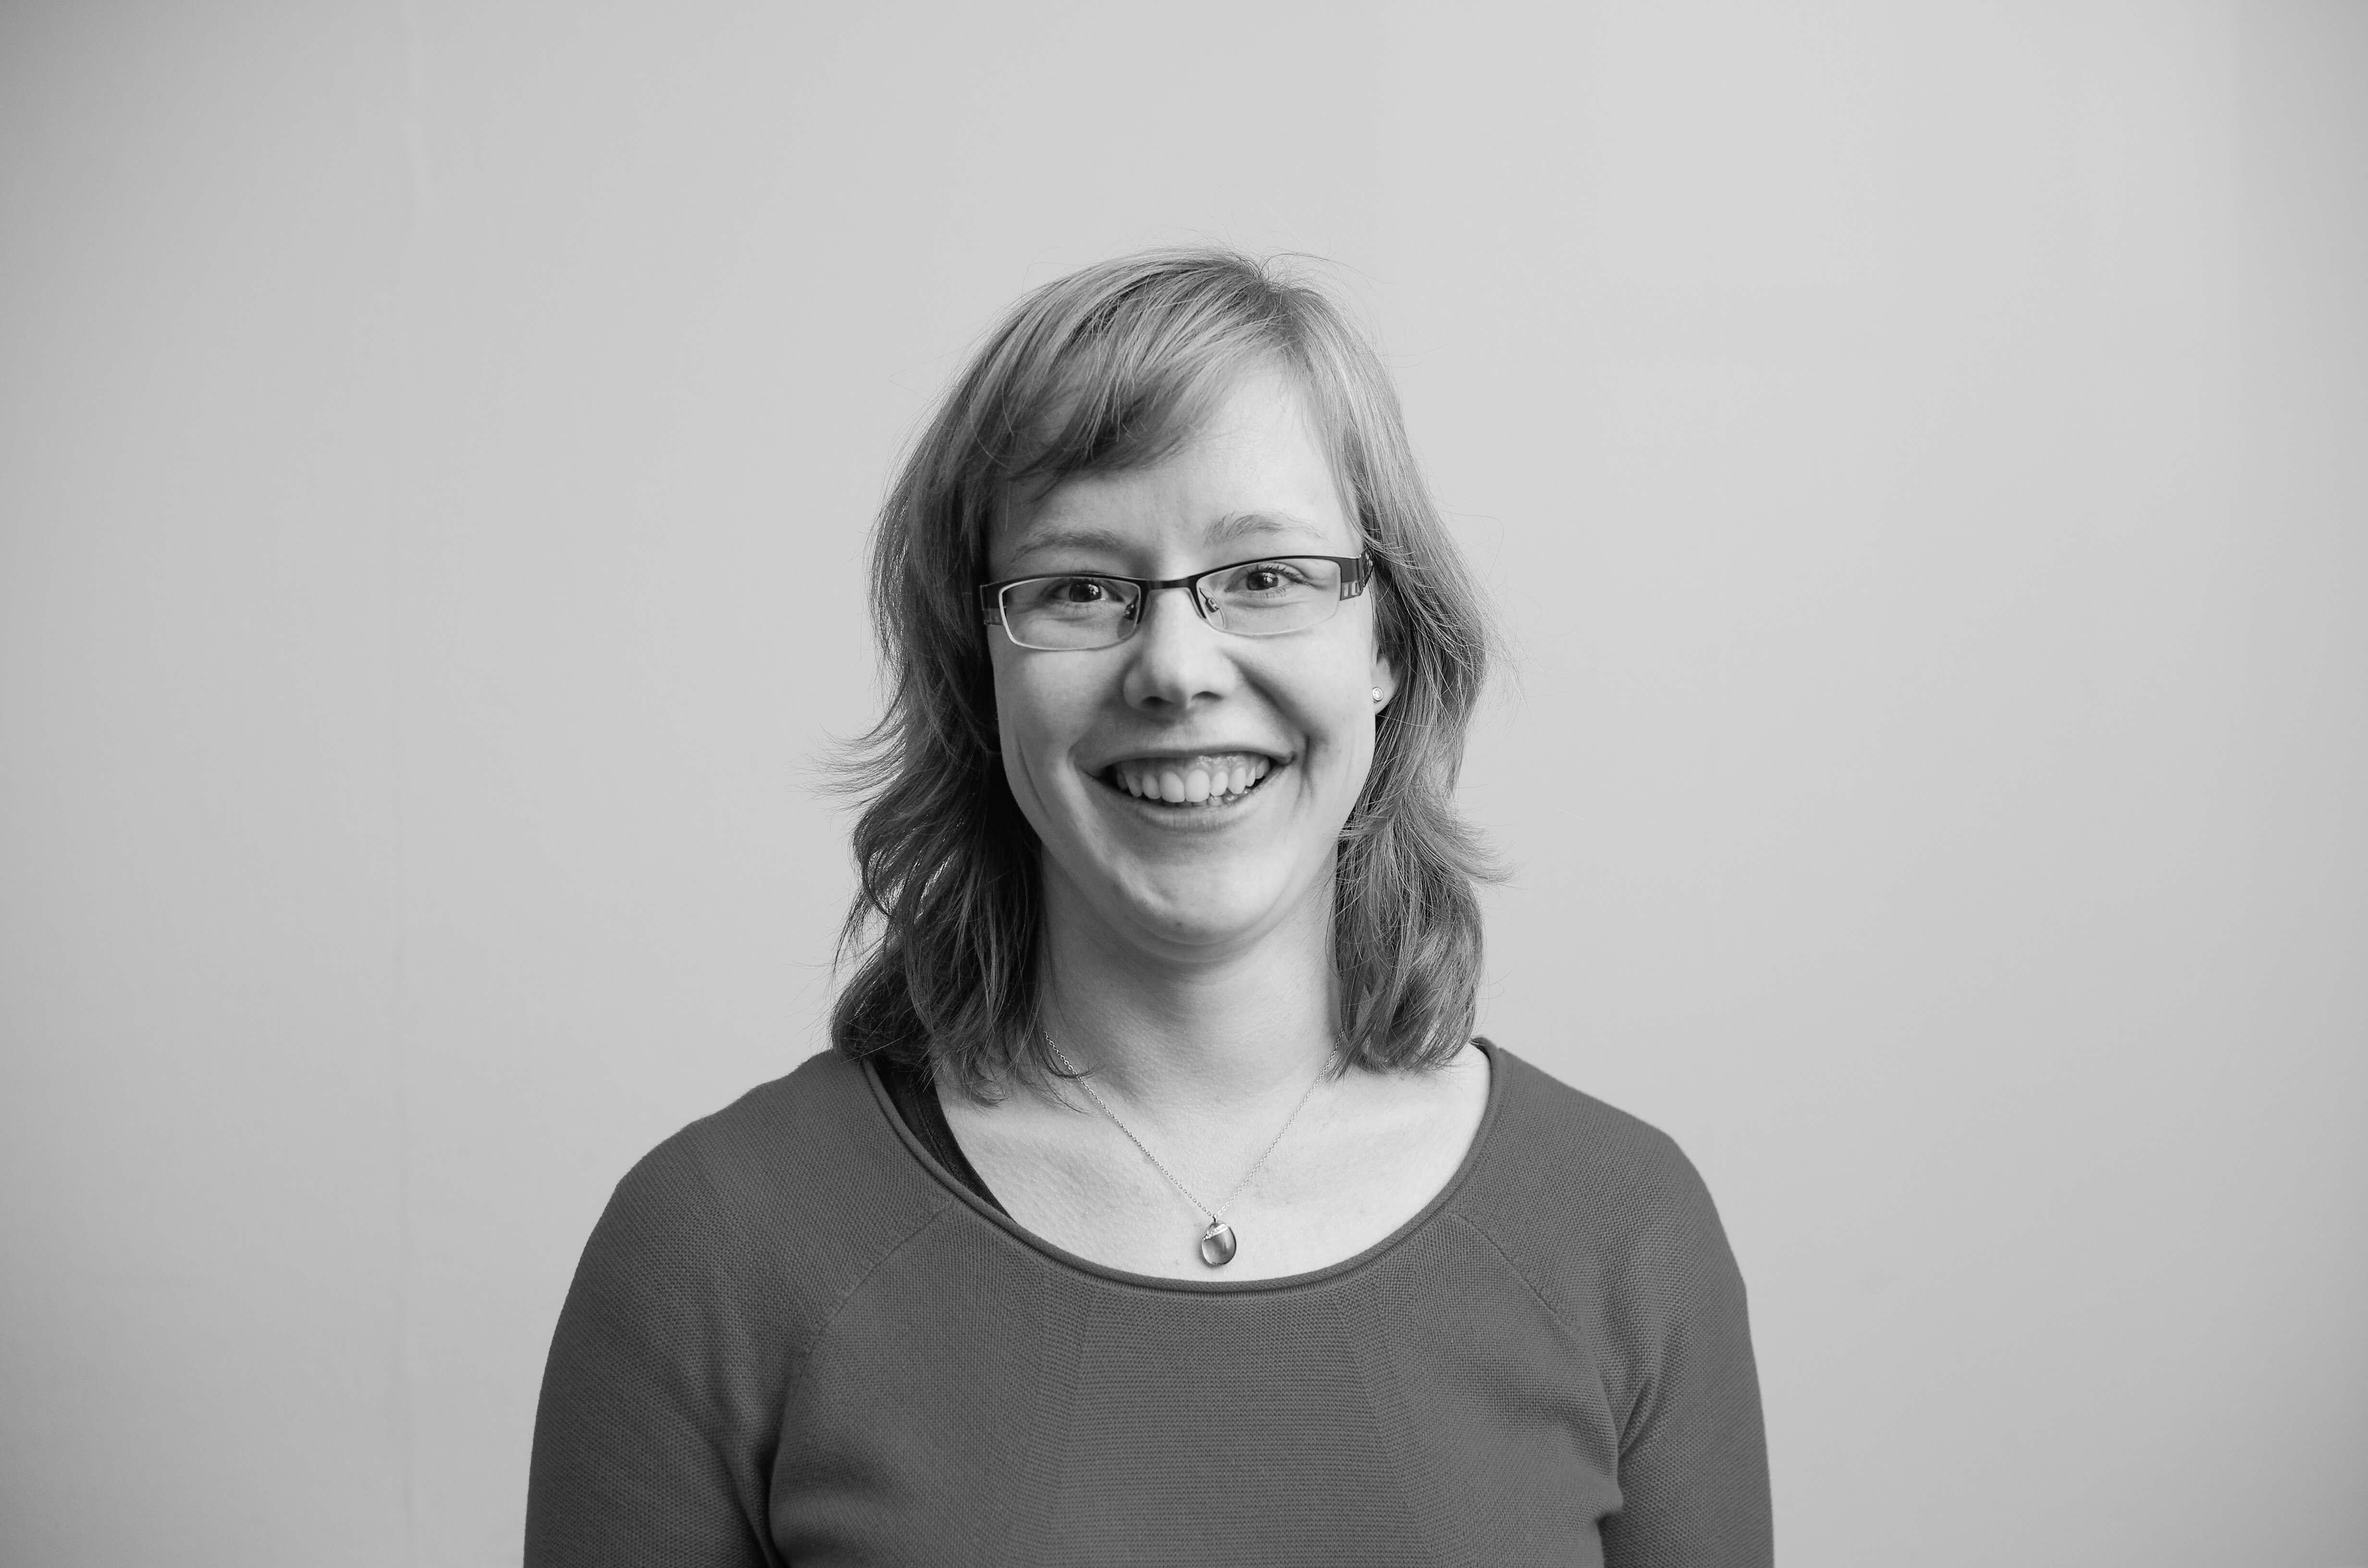 Julia Volkert